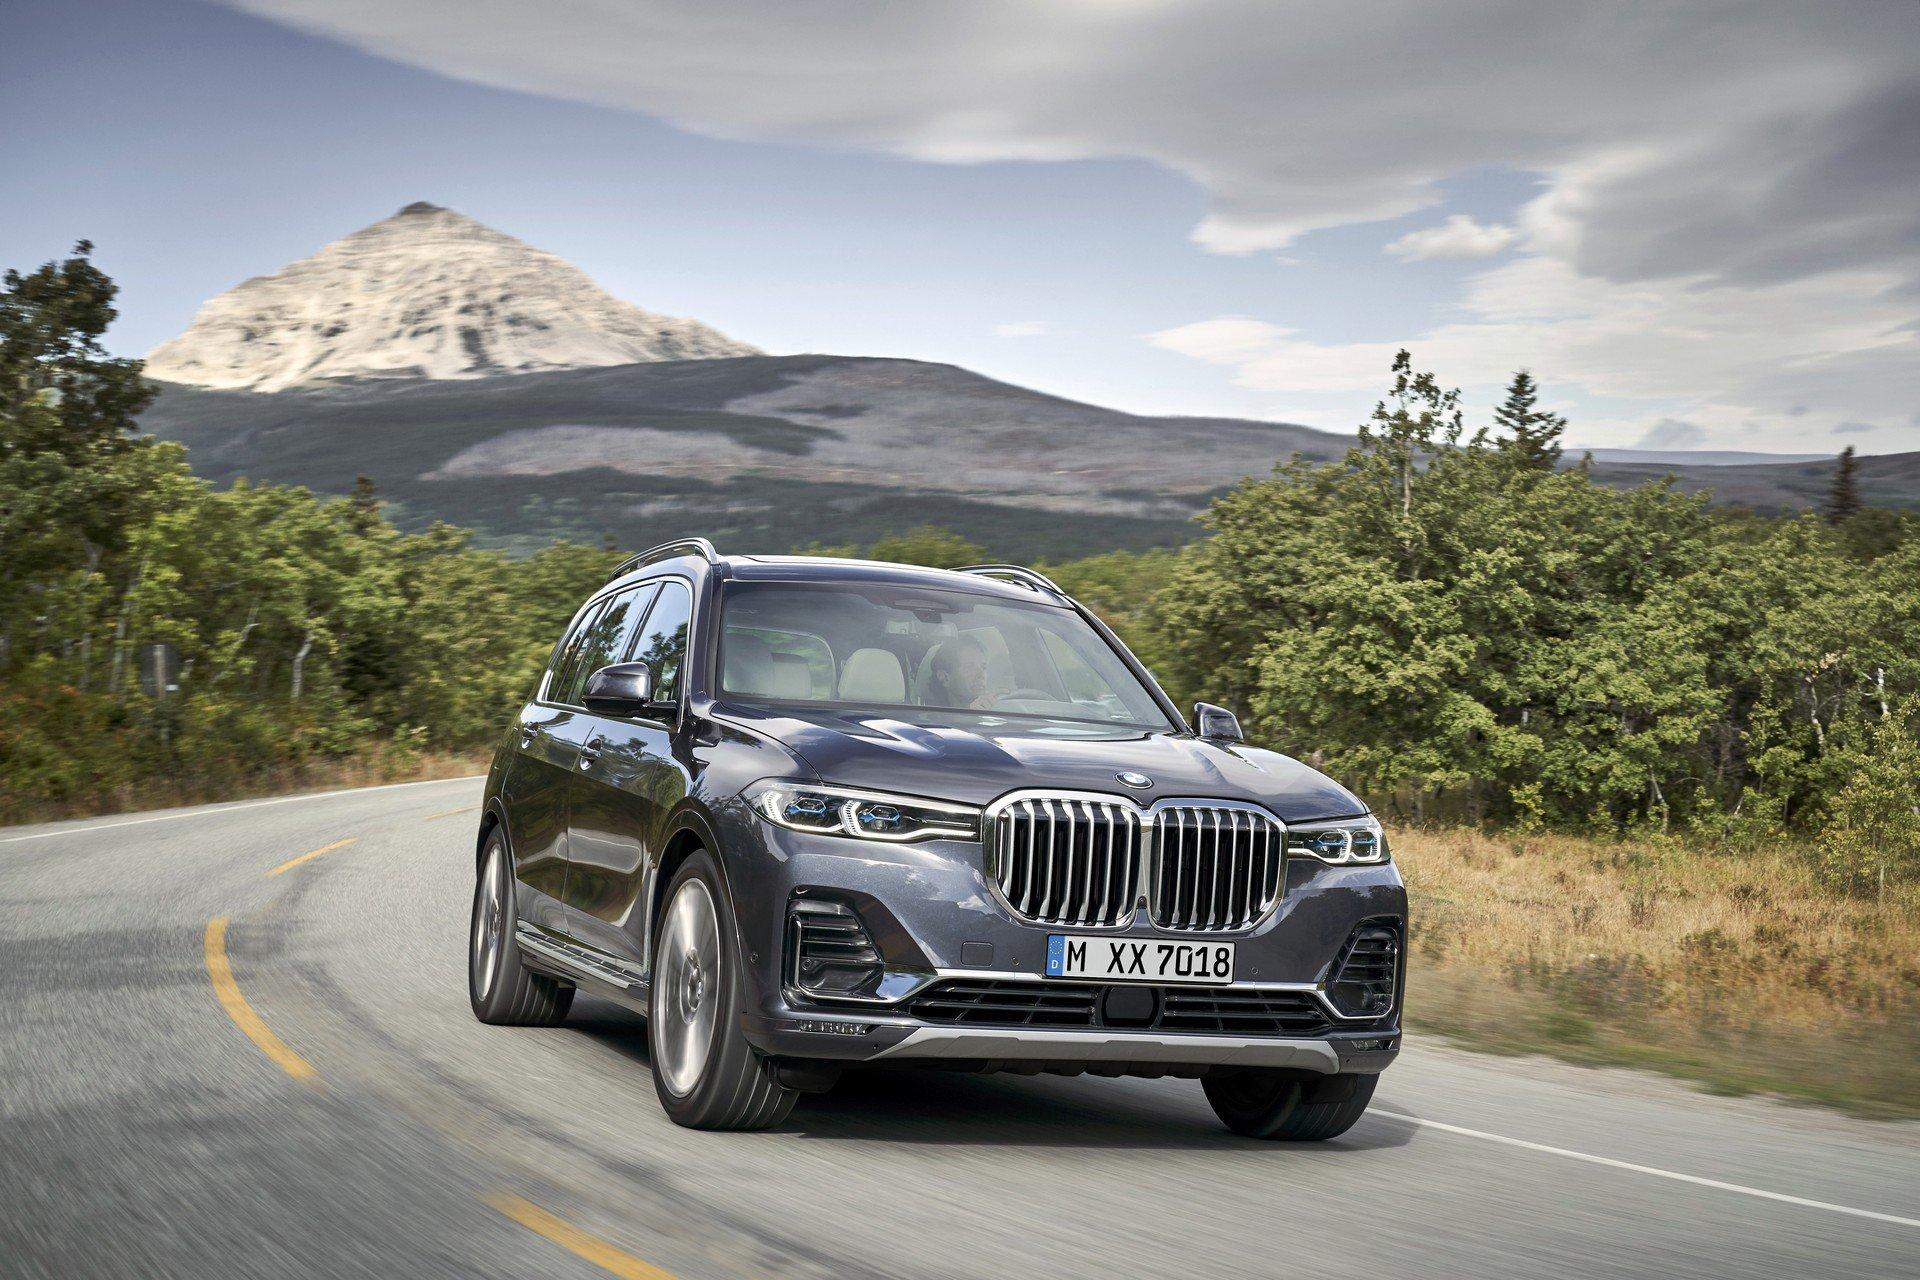 Las imágenes del BMW X7